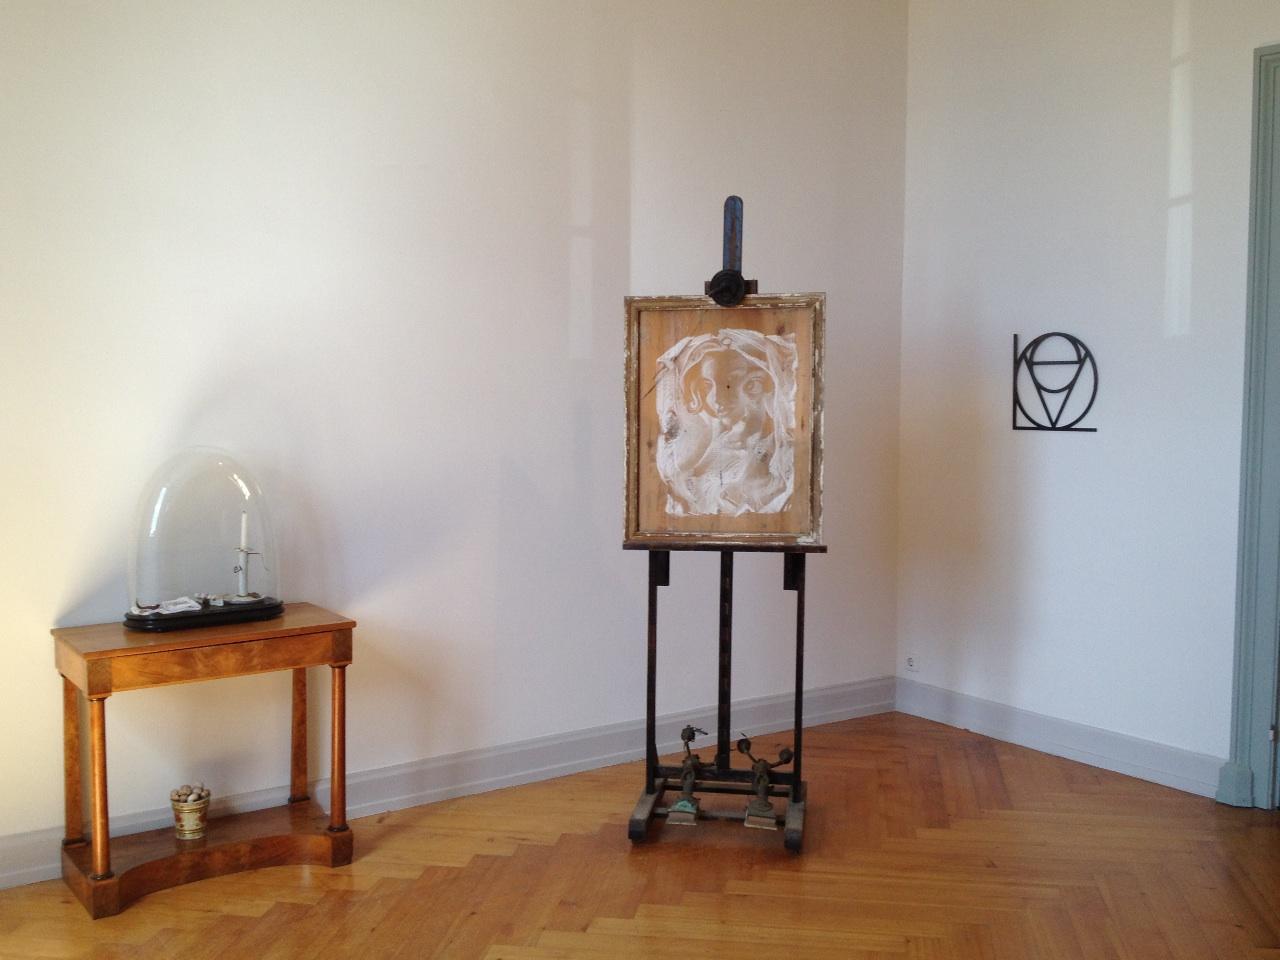 Installationsansicht der Arbeiten von Dirk Bell (©Dirk Bell;Galerie BQ,Berlin)